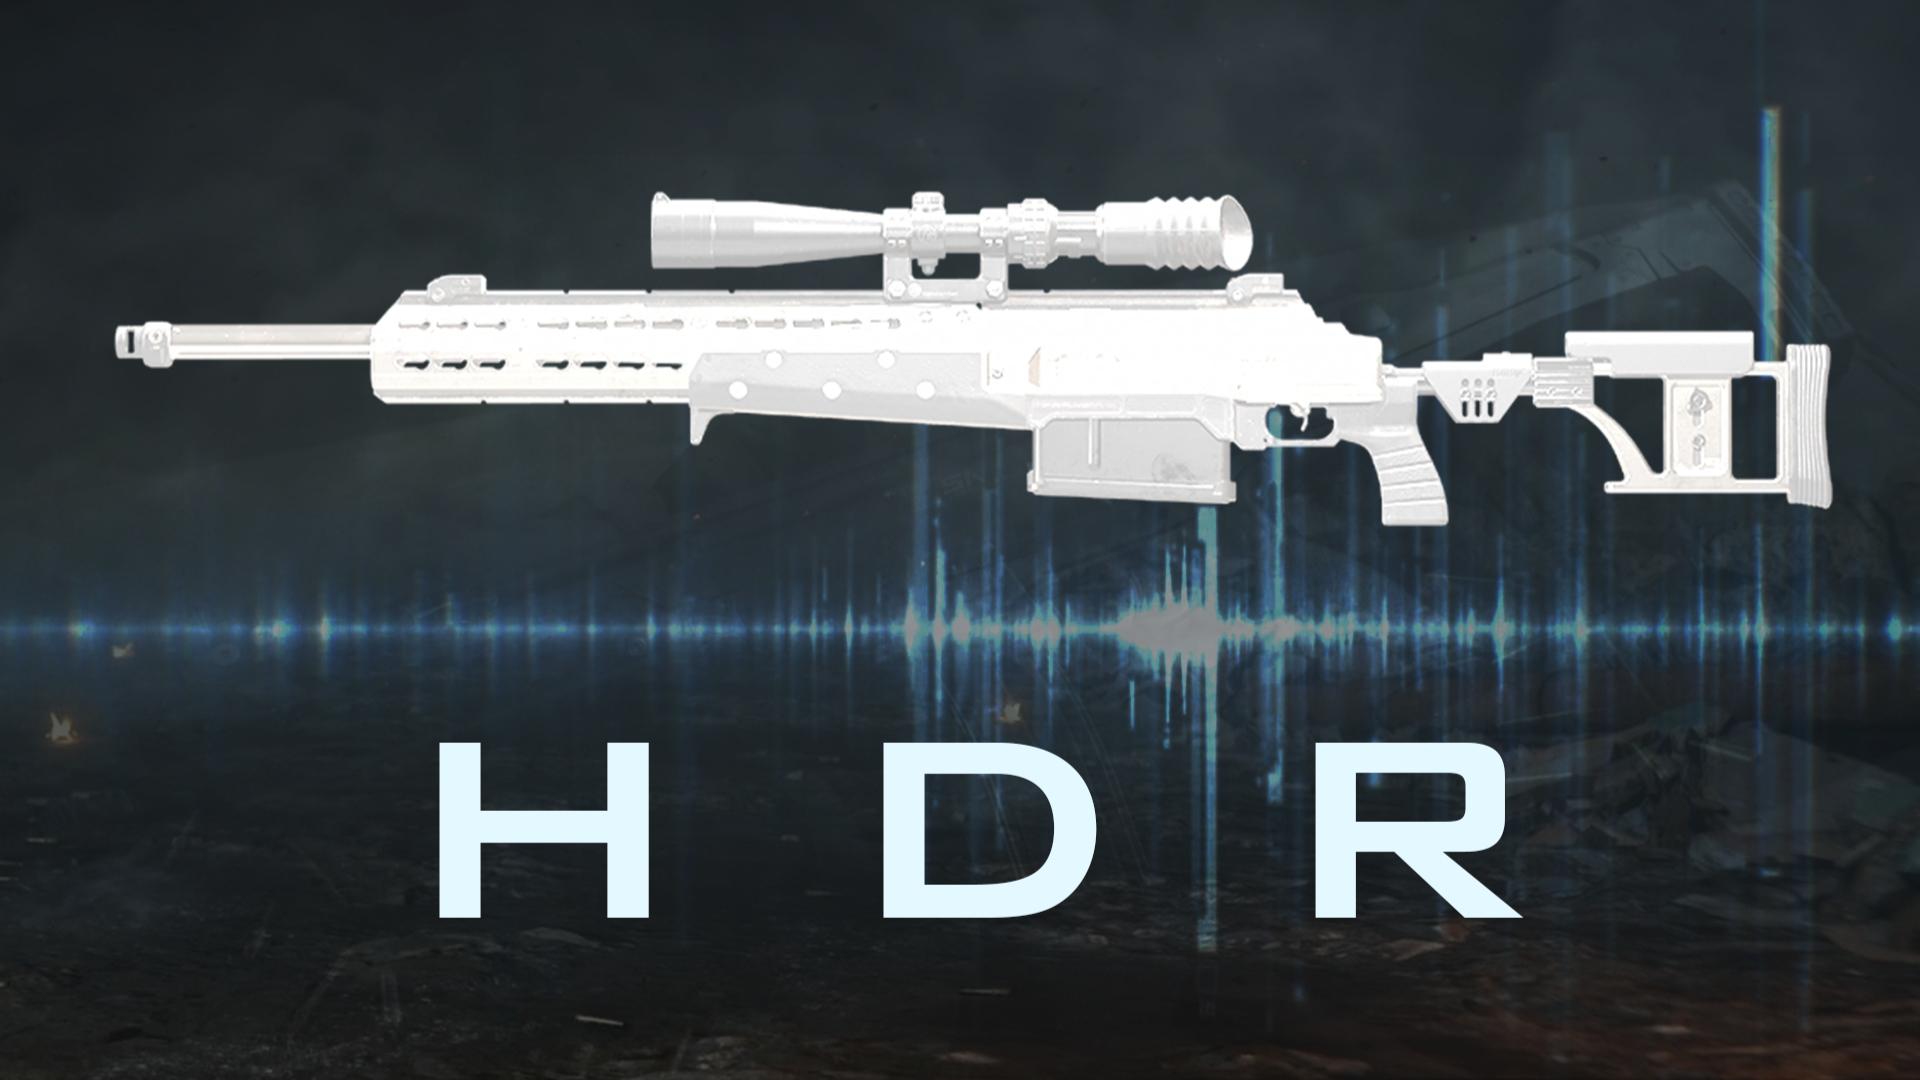 一发入魂 HDR 狙击步枪『现代战争武器指南』VOL.16